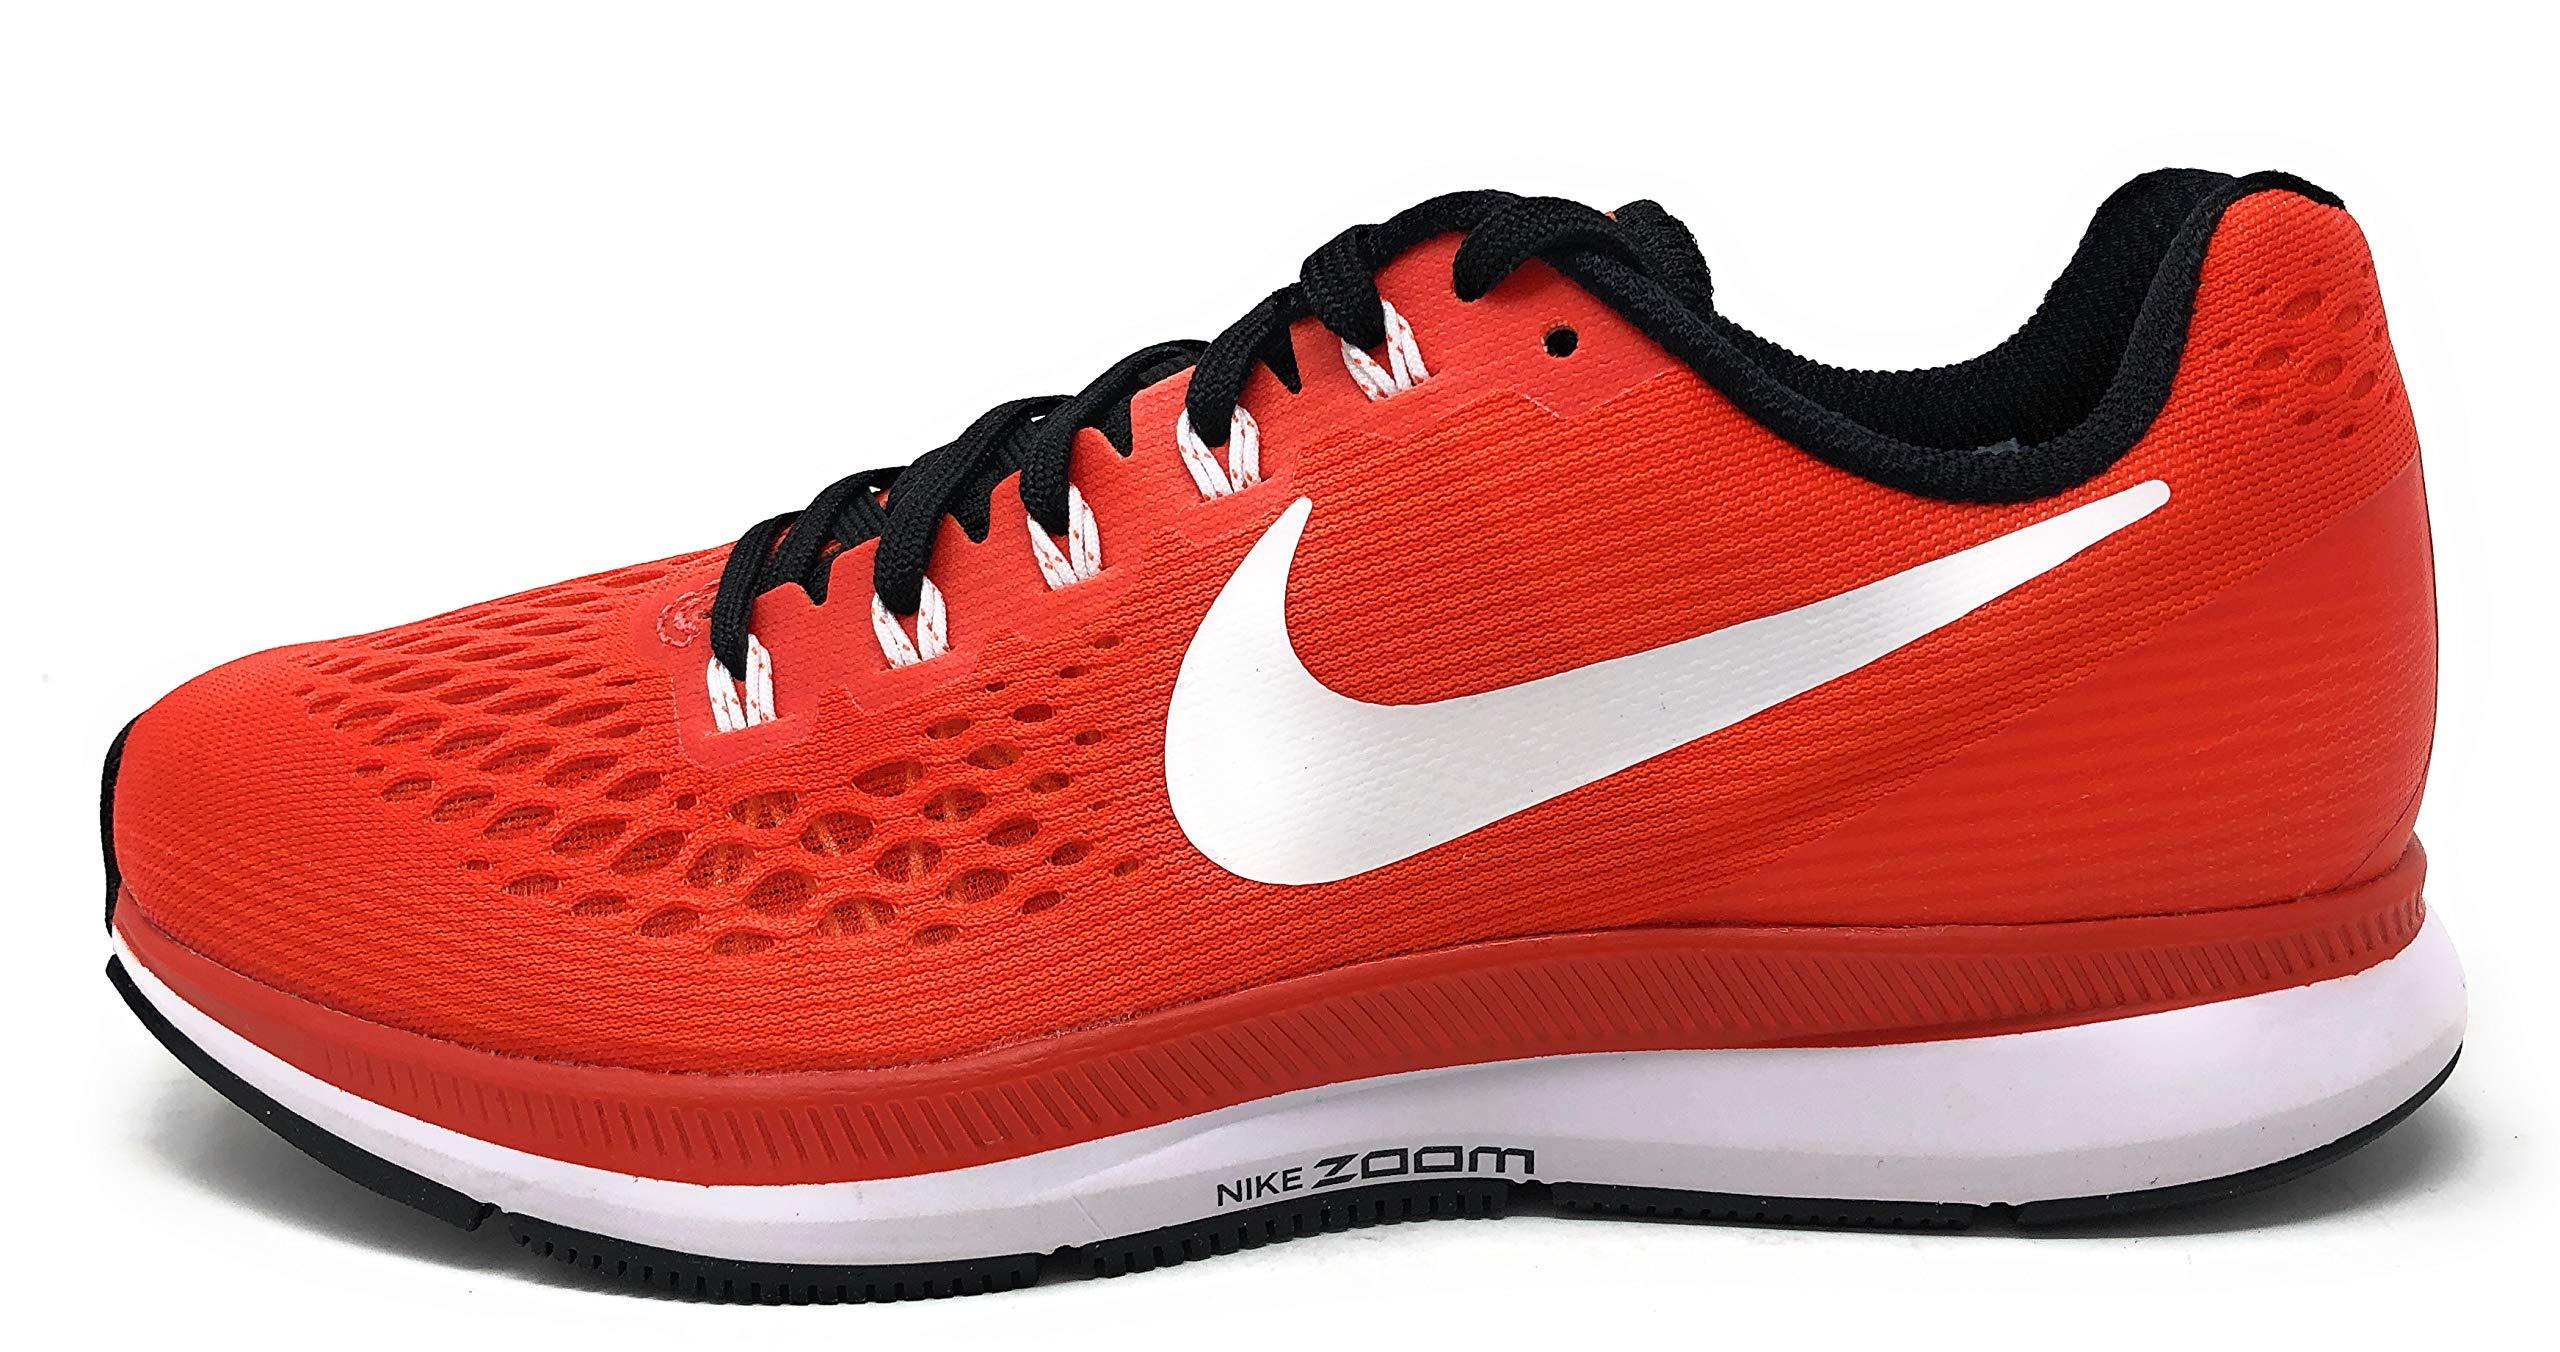 Nike Womens Air Zoom Pegasus 34 TB Running Shoe Team Orange/White-Black Size 5.5 M US by Nike (Image #1)